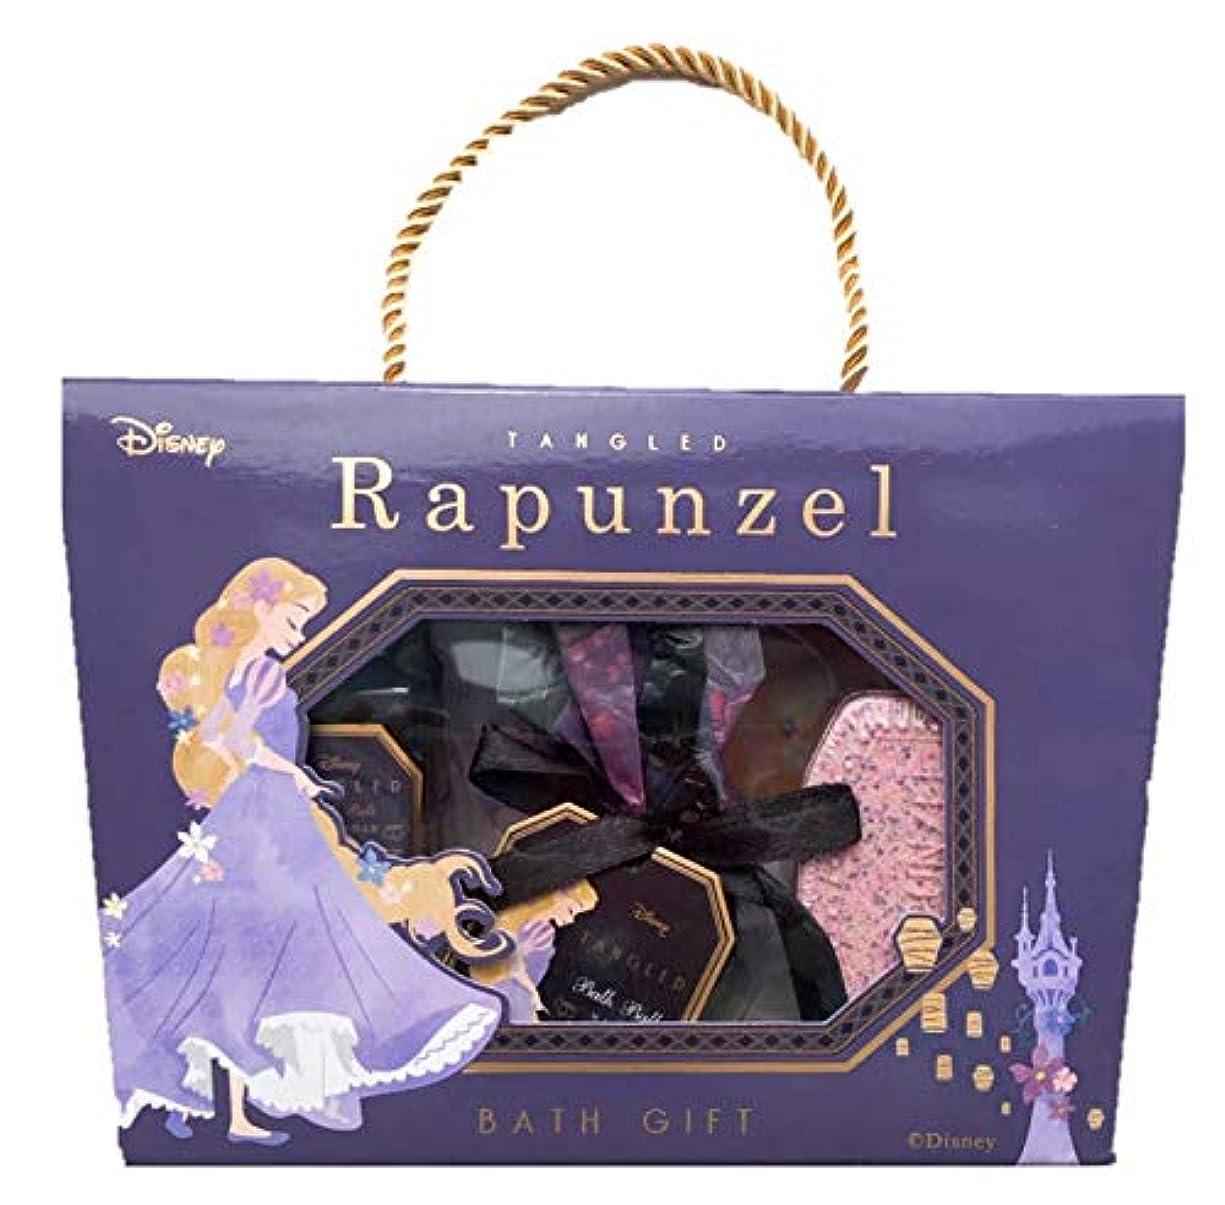 髄不正直知性ディズニー(Disney)SHO-BI バスギフトM ギフトセット ラプンツェル ディズニープリンセス 塔の上のラプンツェル 入浴剤 ギフト バスギフトセット プレゼント 大人 女の子 かわいい Rapunzel